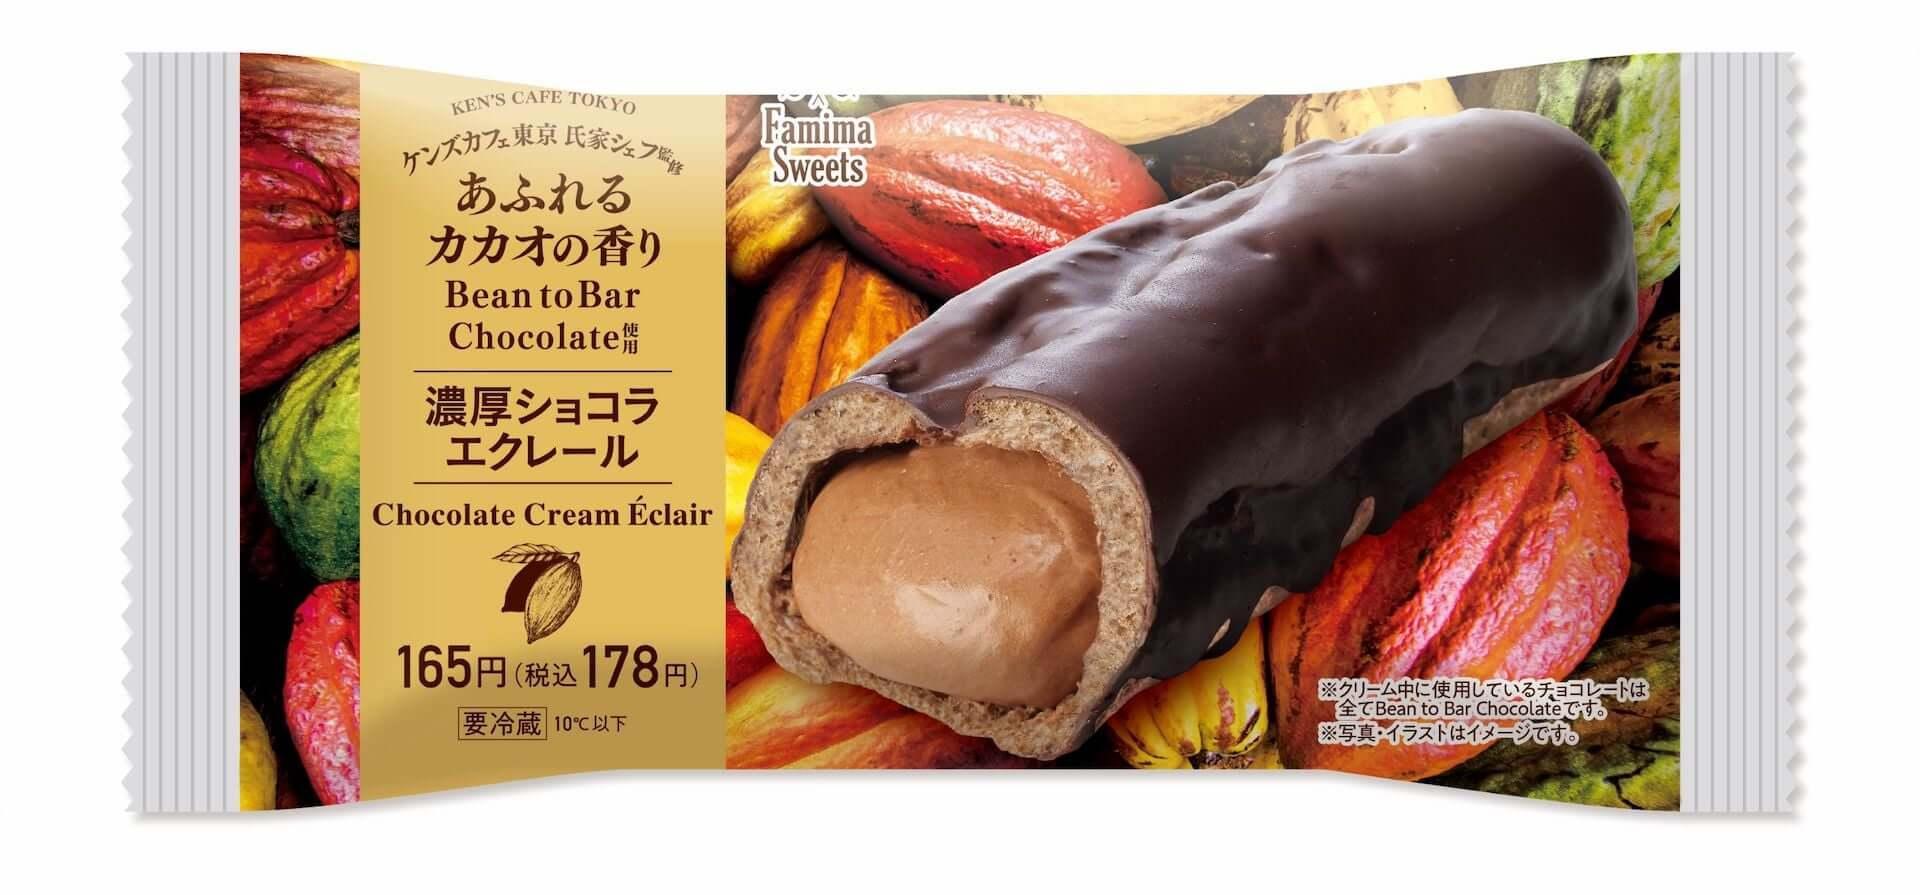 ファミリーマートがオリジナルのBean to Barチョコレートを開発!ケンズカフェ東京のシェフが監修した『ガトーショコラ』など新商品5種類が発売決定 gourmet201012_famima_7-1920x895